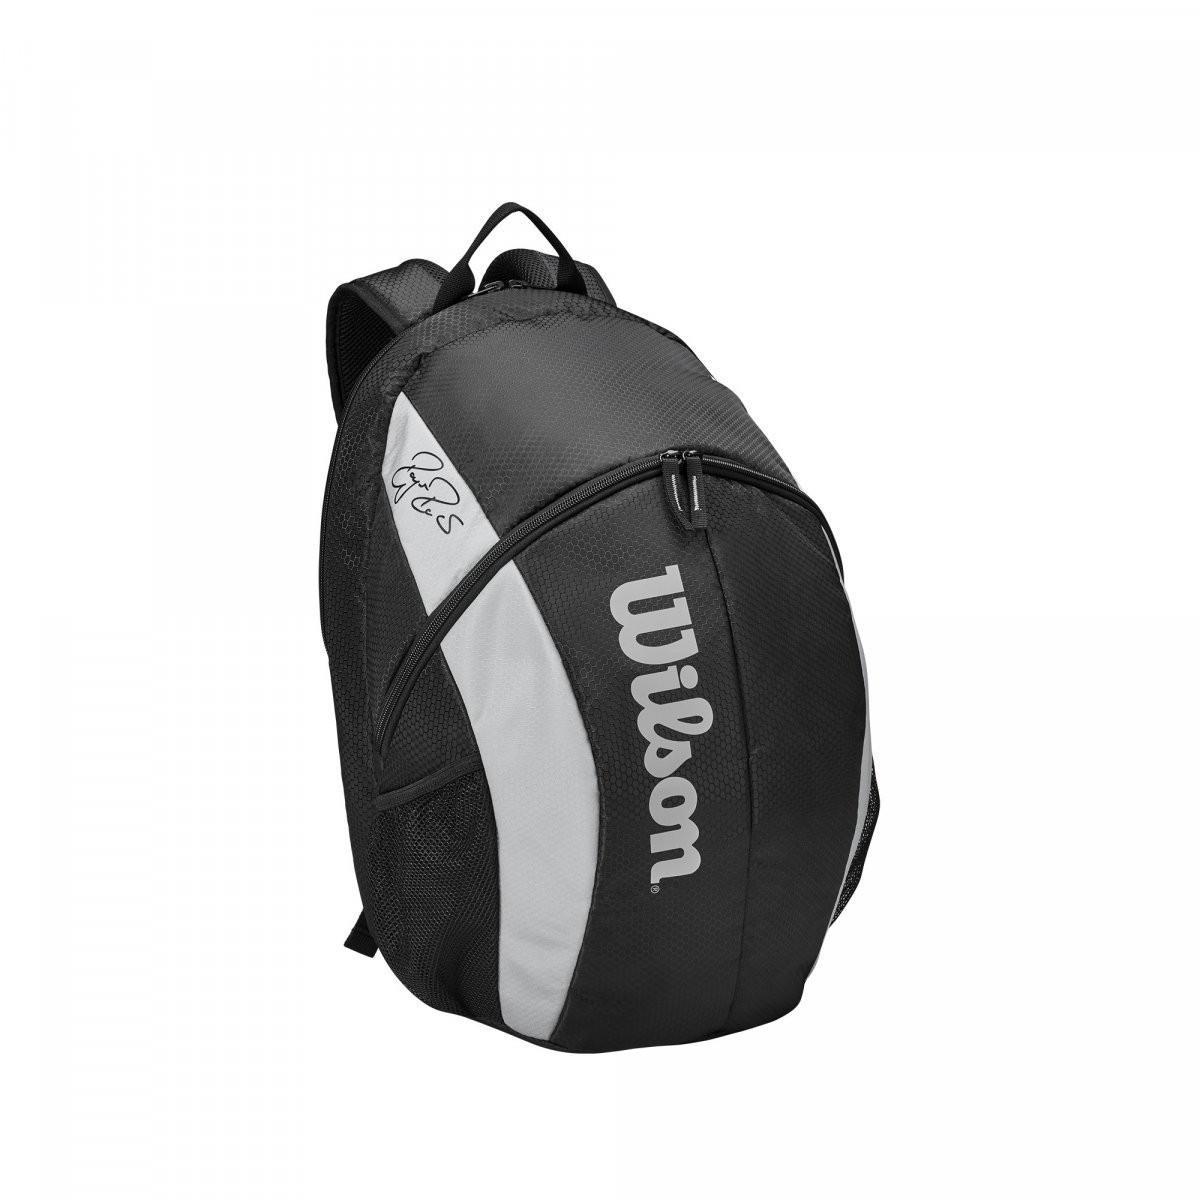 Теннисный рюкзак Wilson Fed Team Backpack black/grey